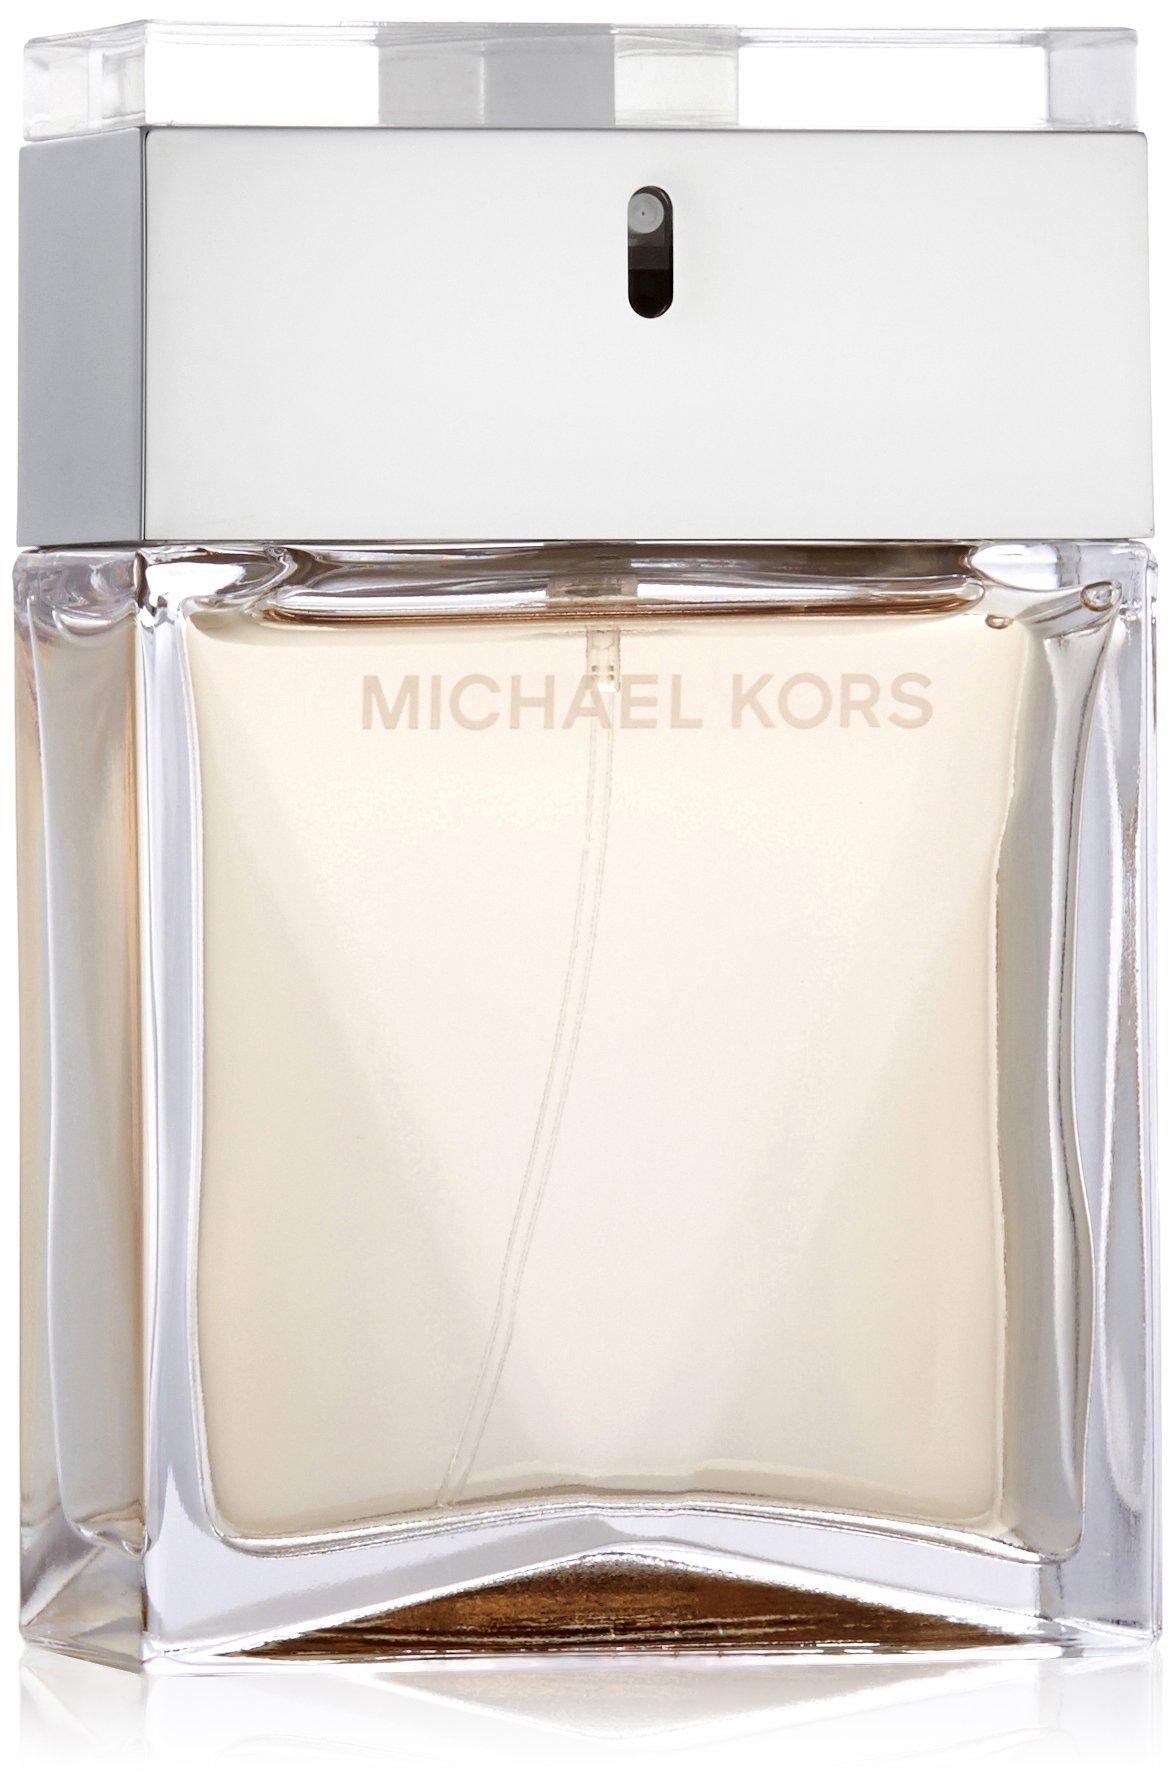 Michael Kors By Michael Kors For Women. Eau De Parfum Spray 3.4 Ounces by Michael Kors